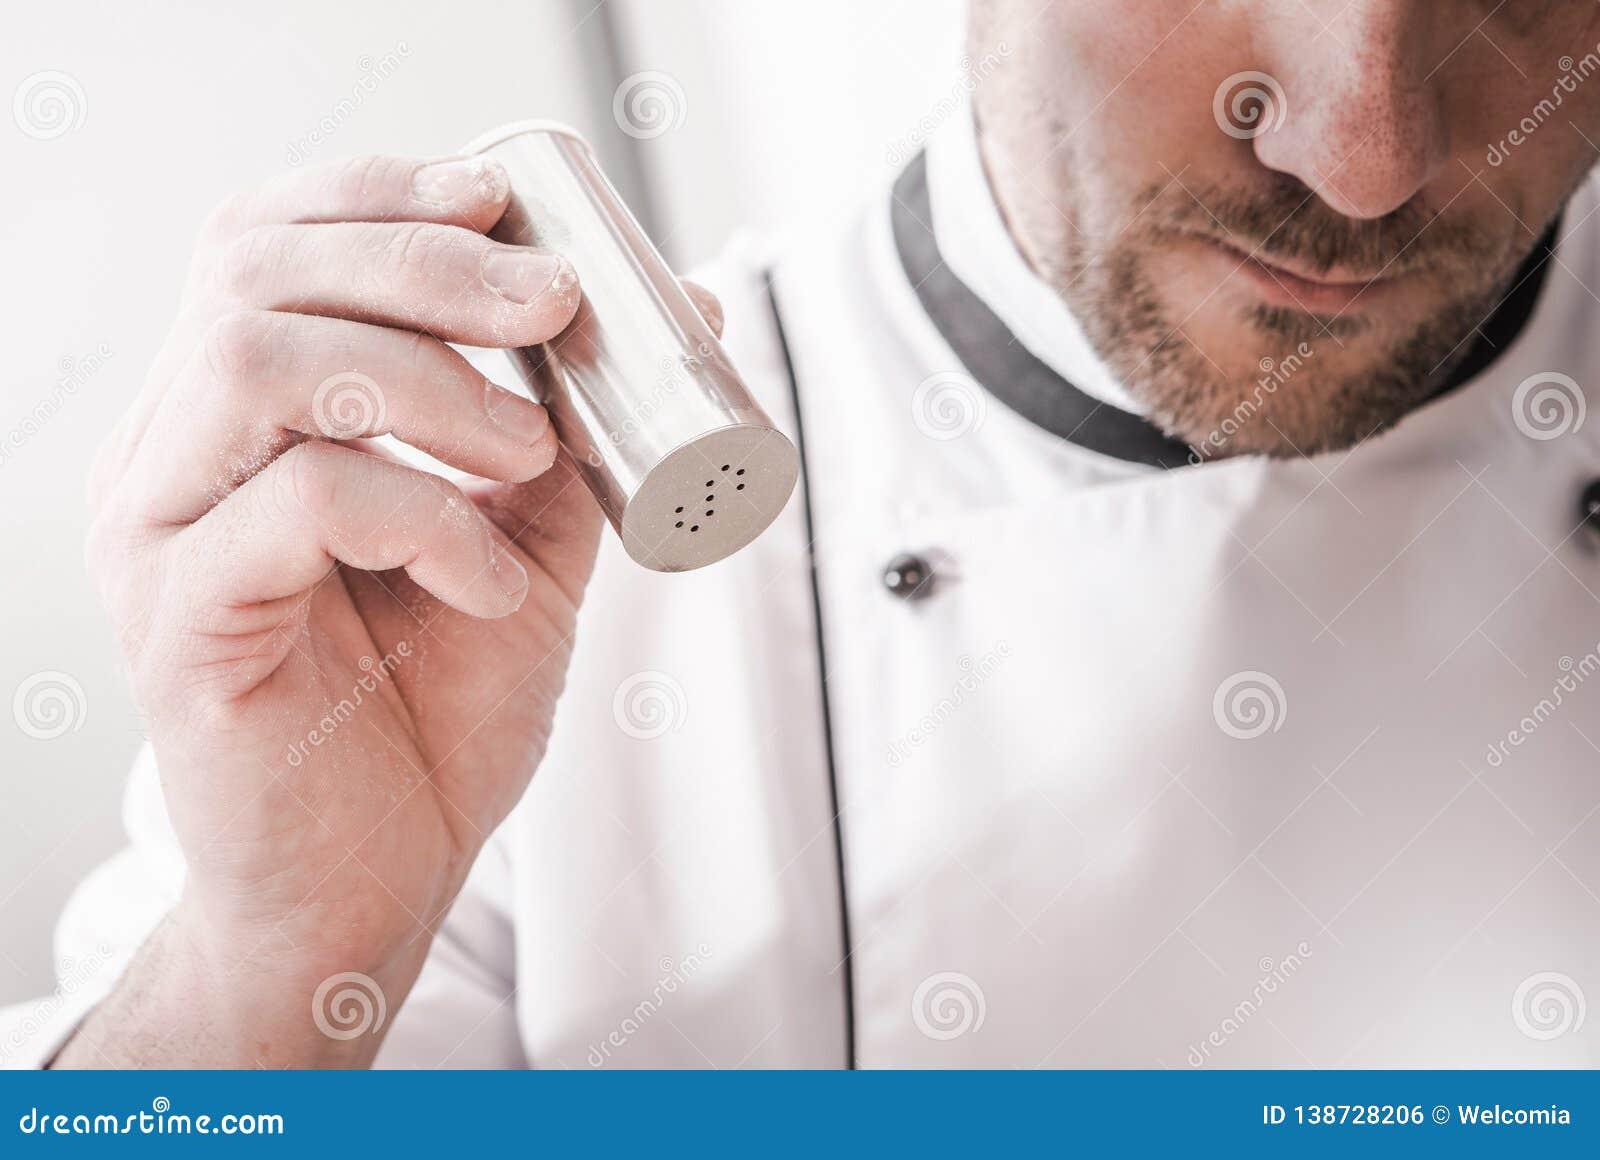 Kitchen Chef Using Salt